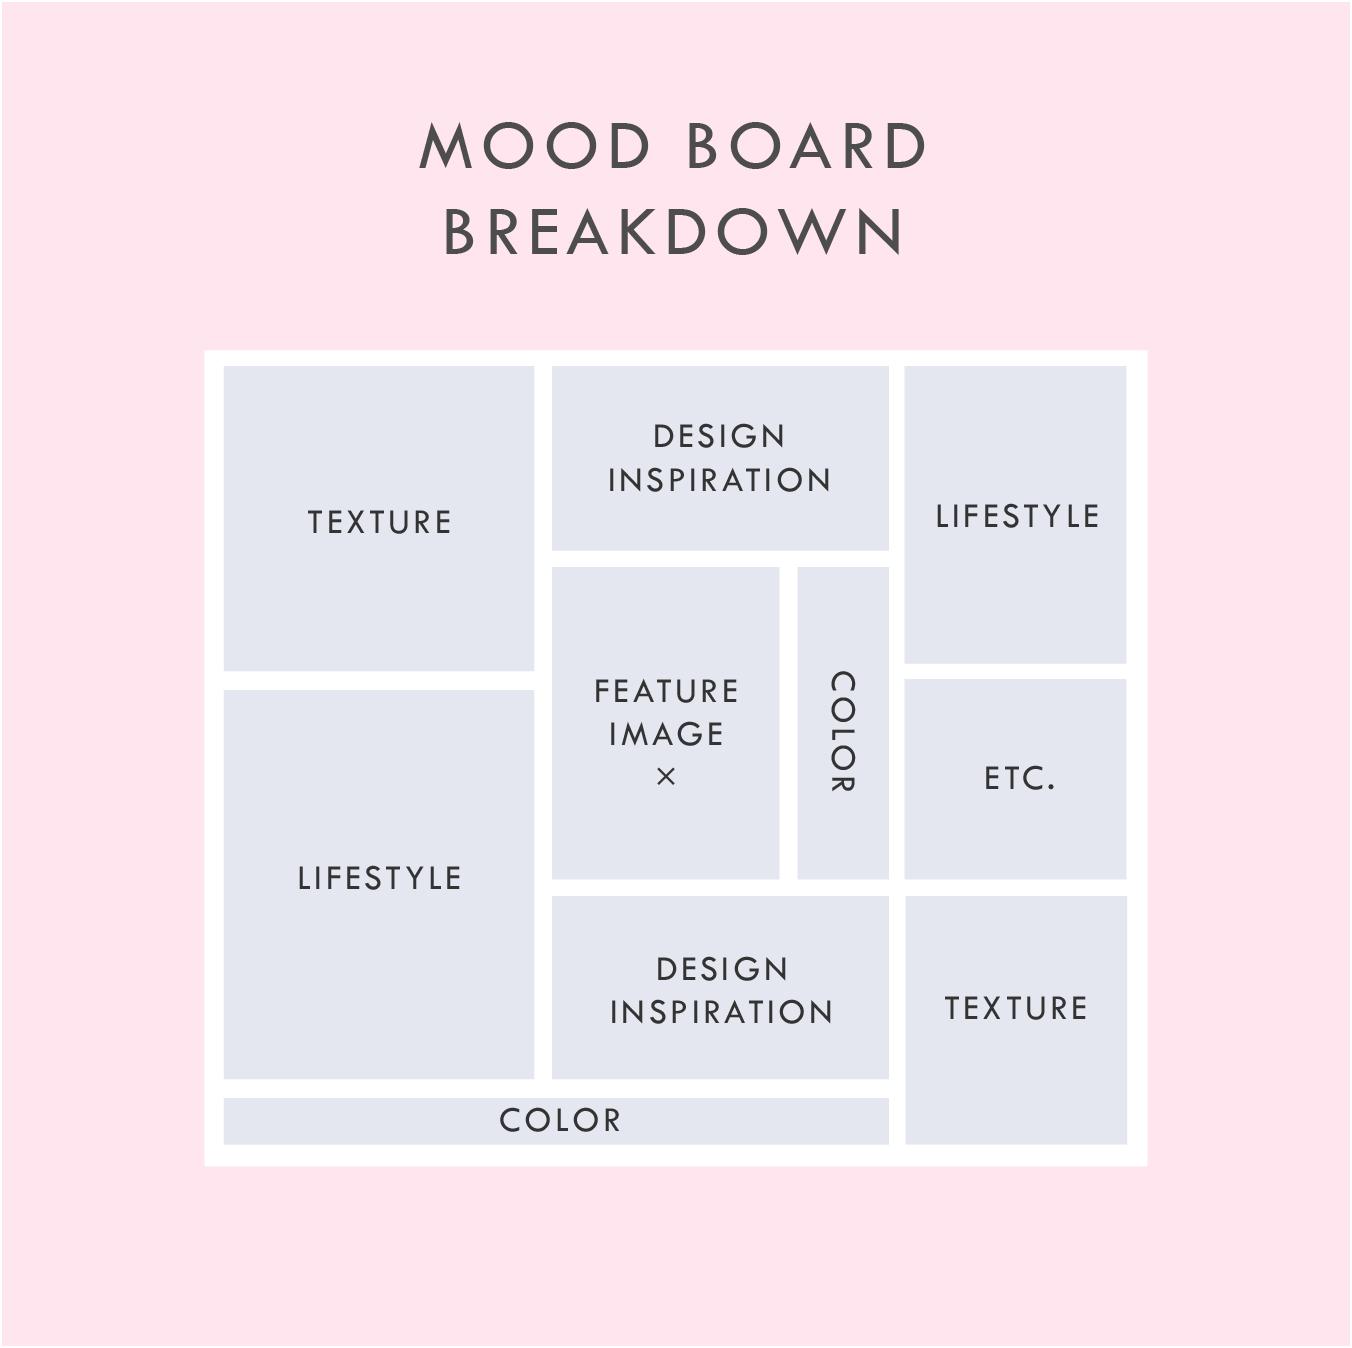 Moodboard-Mood-Board-Templates-06.jpg